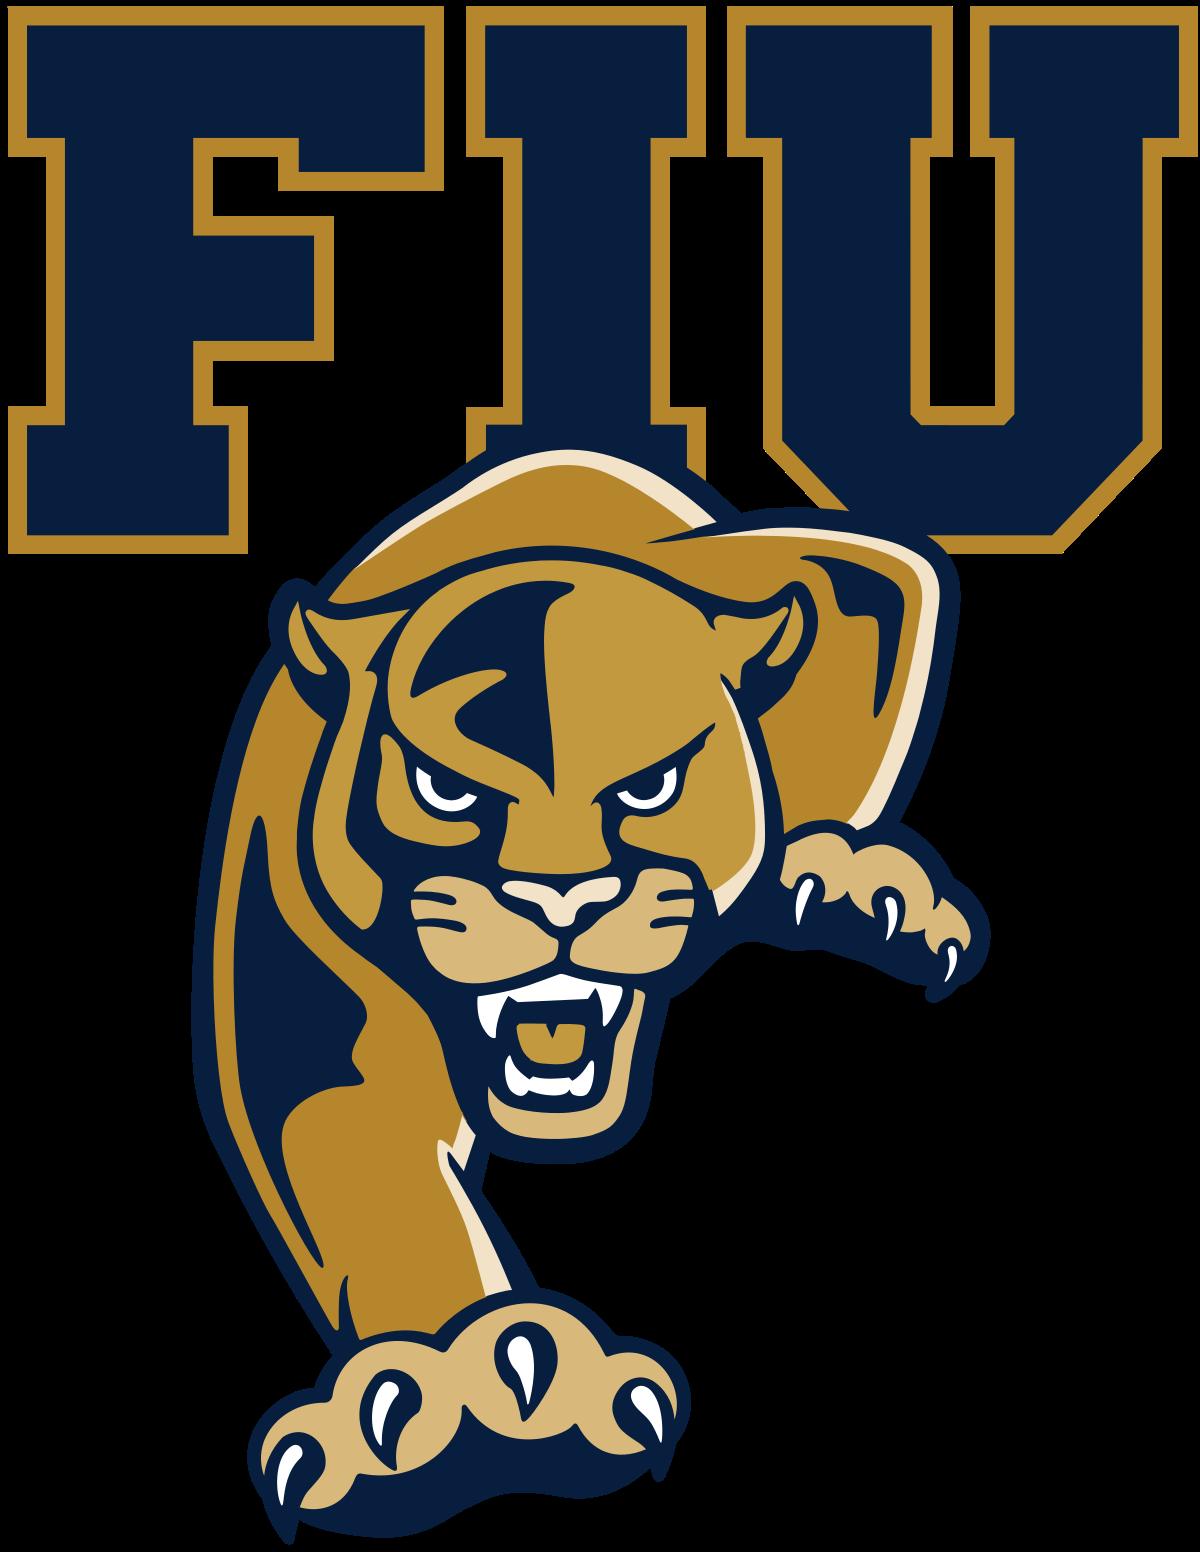 Trường Đại Học Florida International University – Miami, Florida, Mỹ